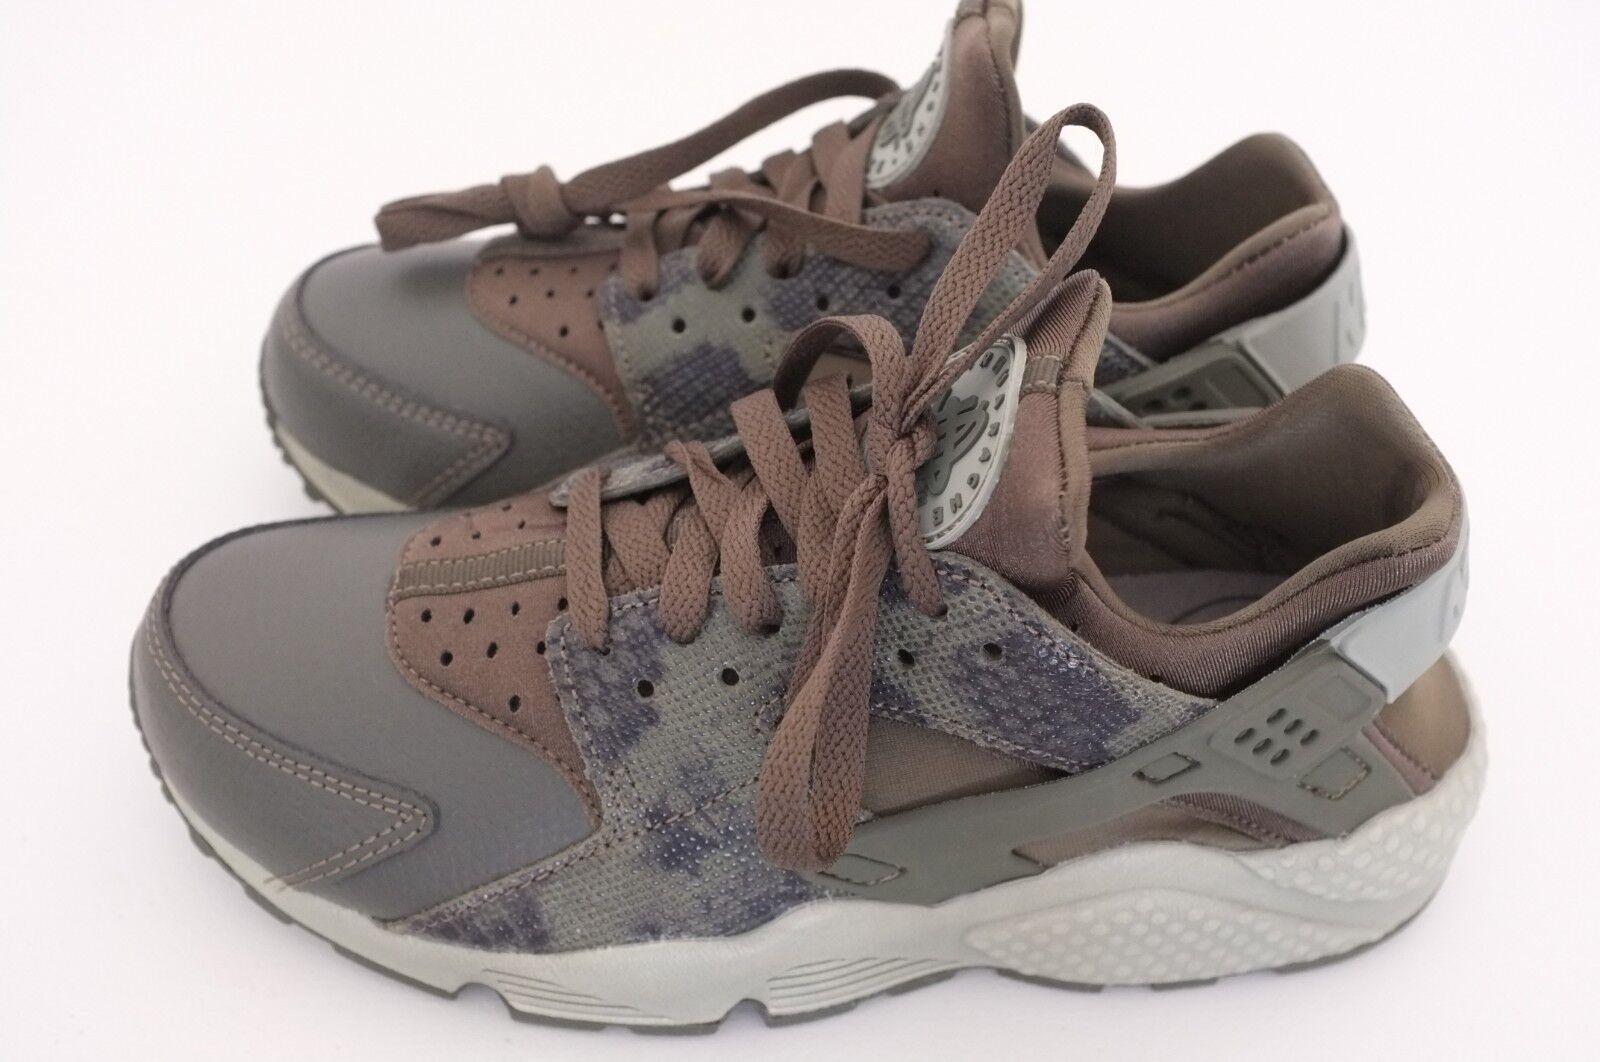 Nike Womens Air Huarache Run Premium Running shoes Python Sz 7.5 (683818-302)